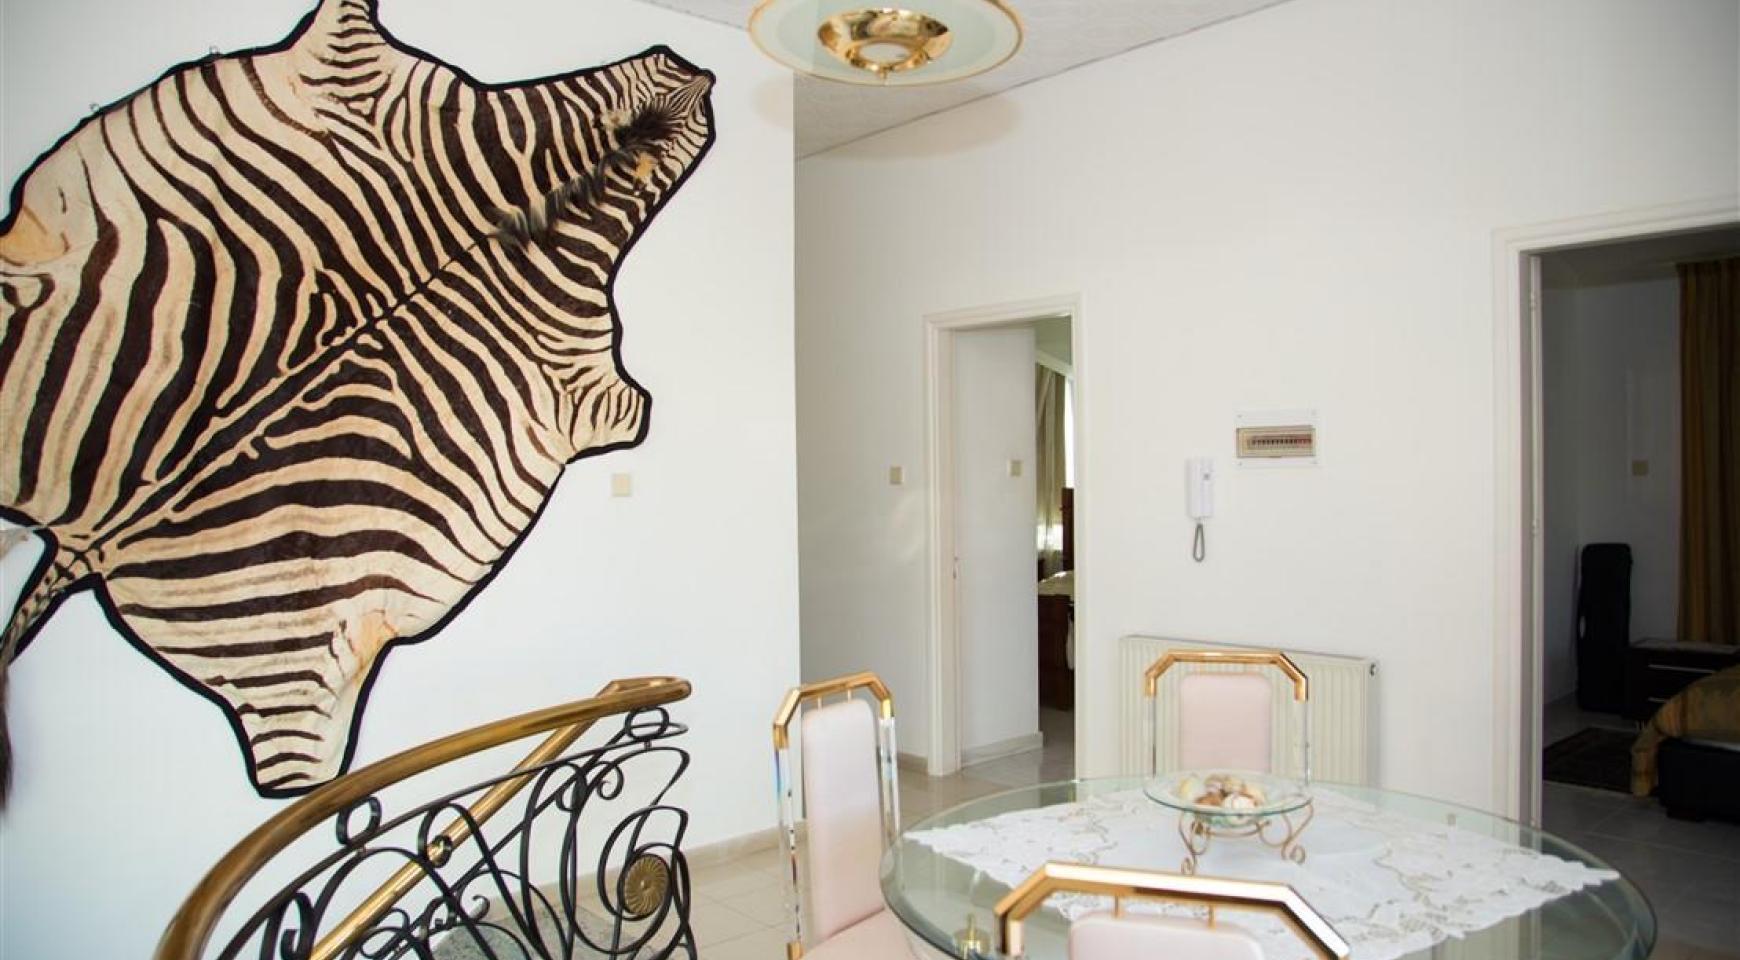 Spacious 5 Bedroom House in Agios Athanasios Area - 23